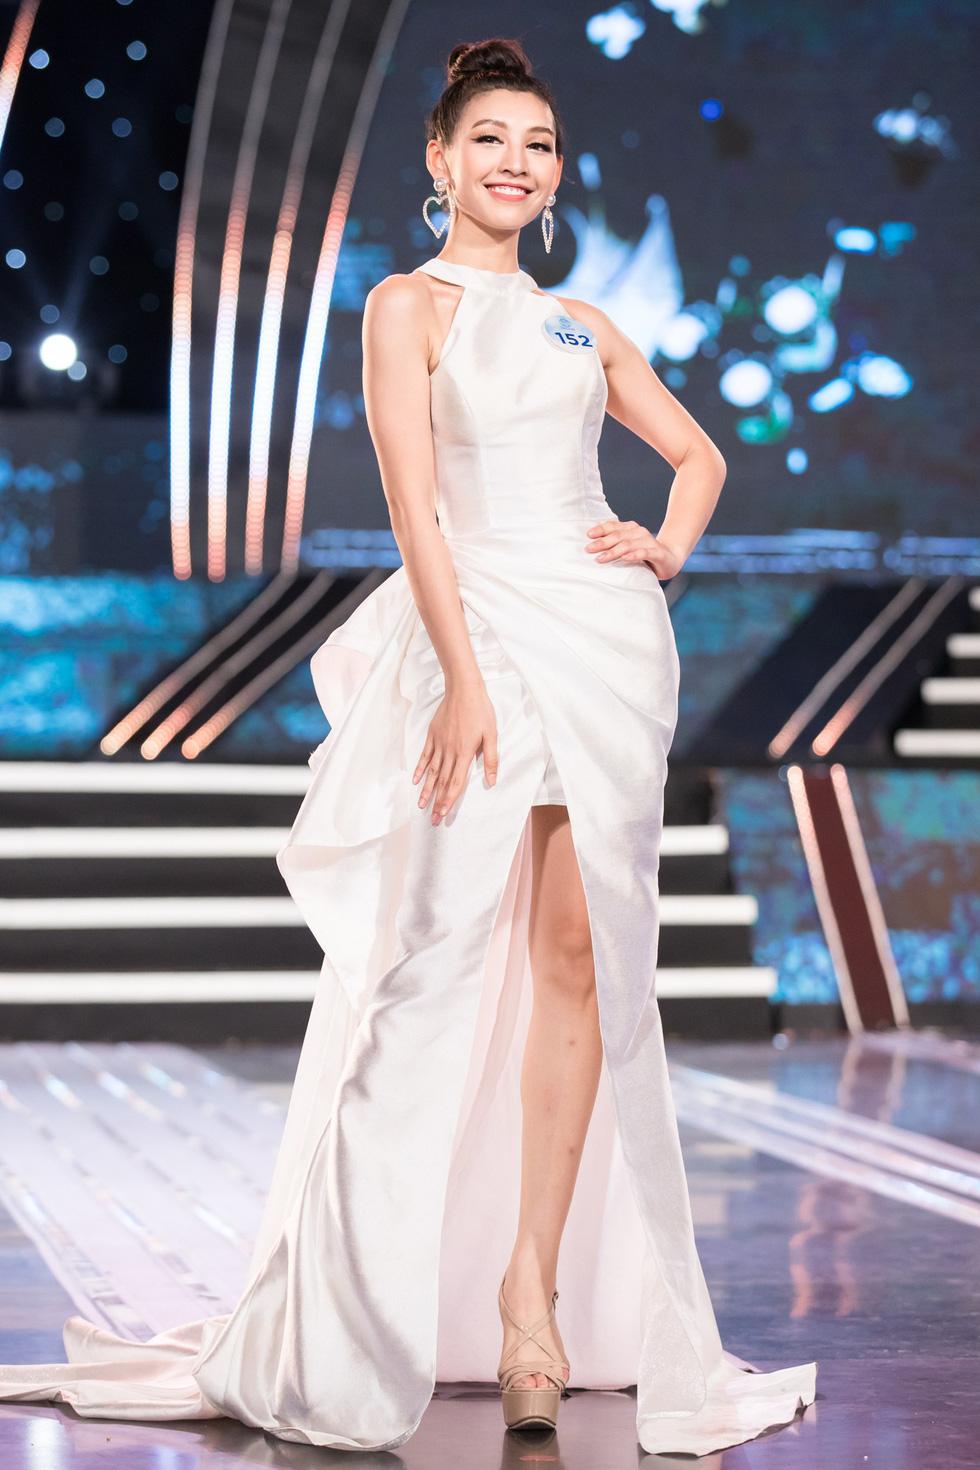 Nhan sắc 20 thí sinh đẹp nhất phía Bắc vào chung kết Miss World Việt Nam 2019 - Ảnh 11.